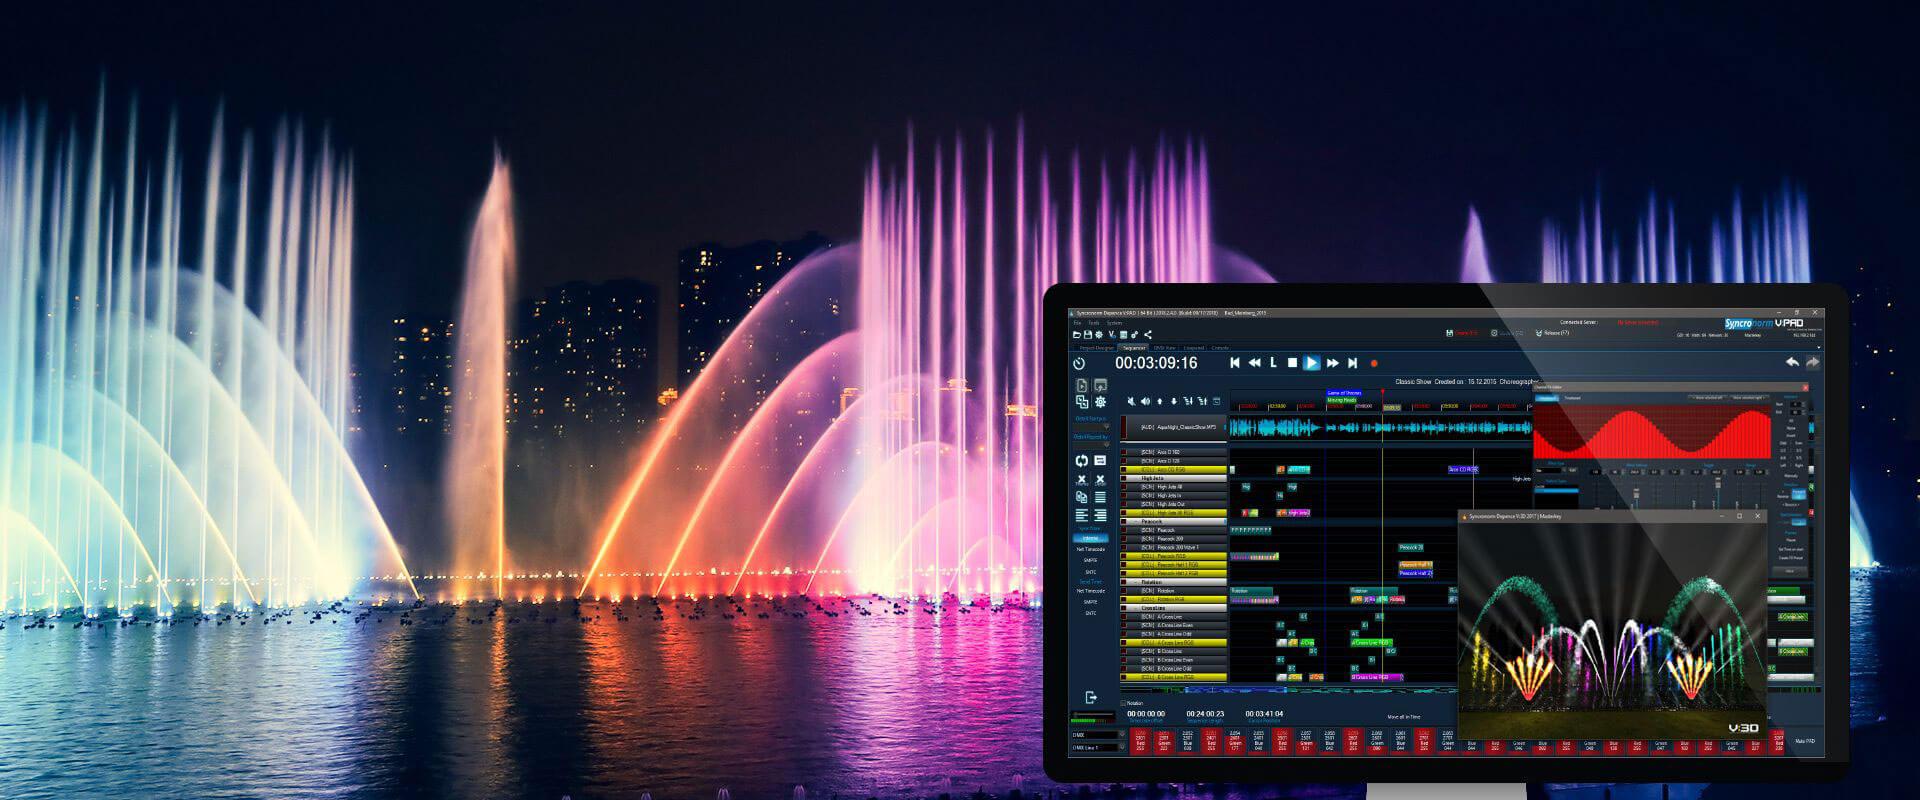 سینکرونورم - همه کاره آبنمای موزیکال شما - نازل و پمپ آبنما | آریا مگ مجله تخصصی حوزه آبنما